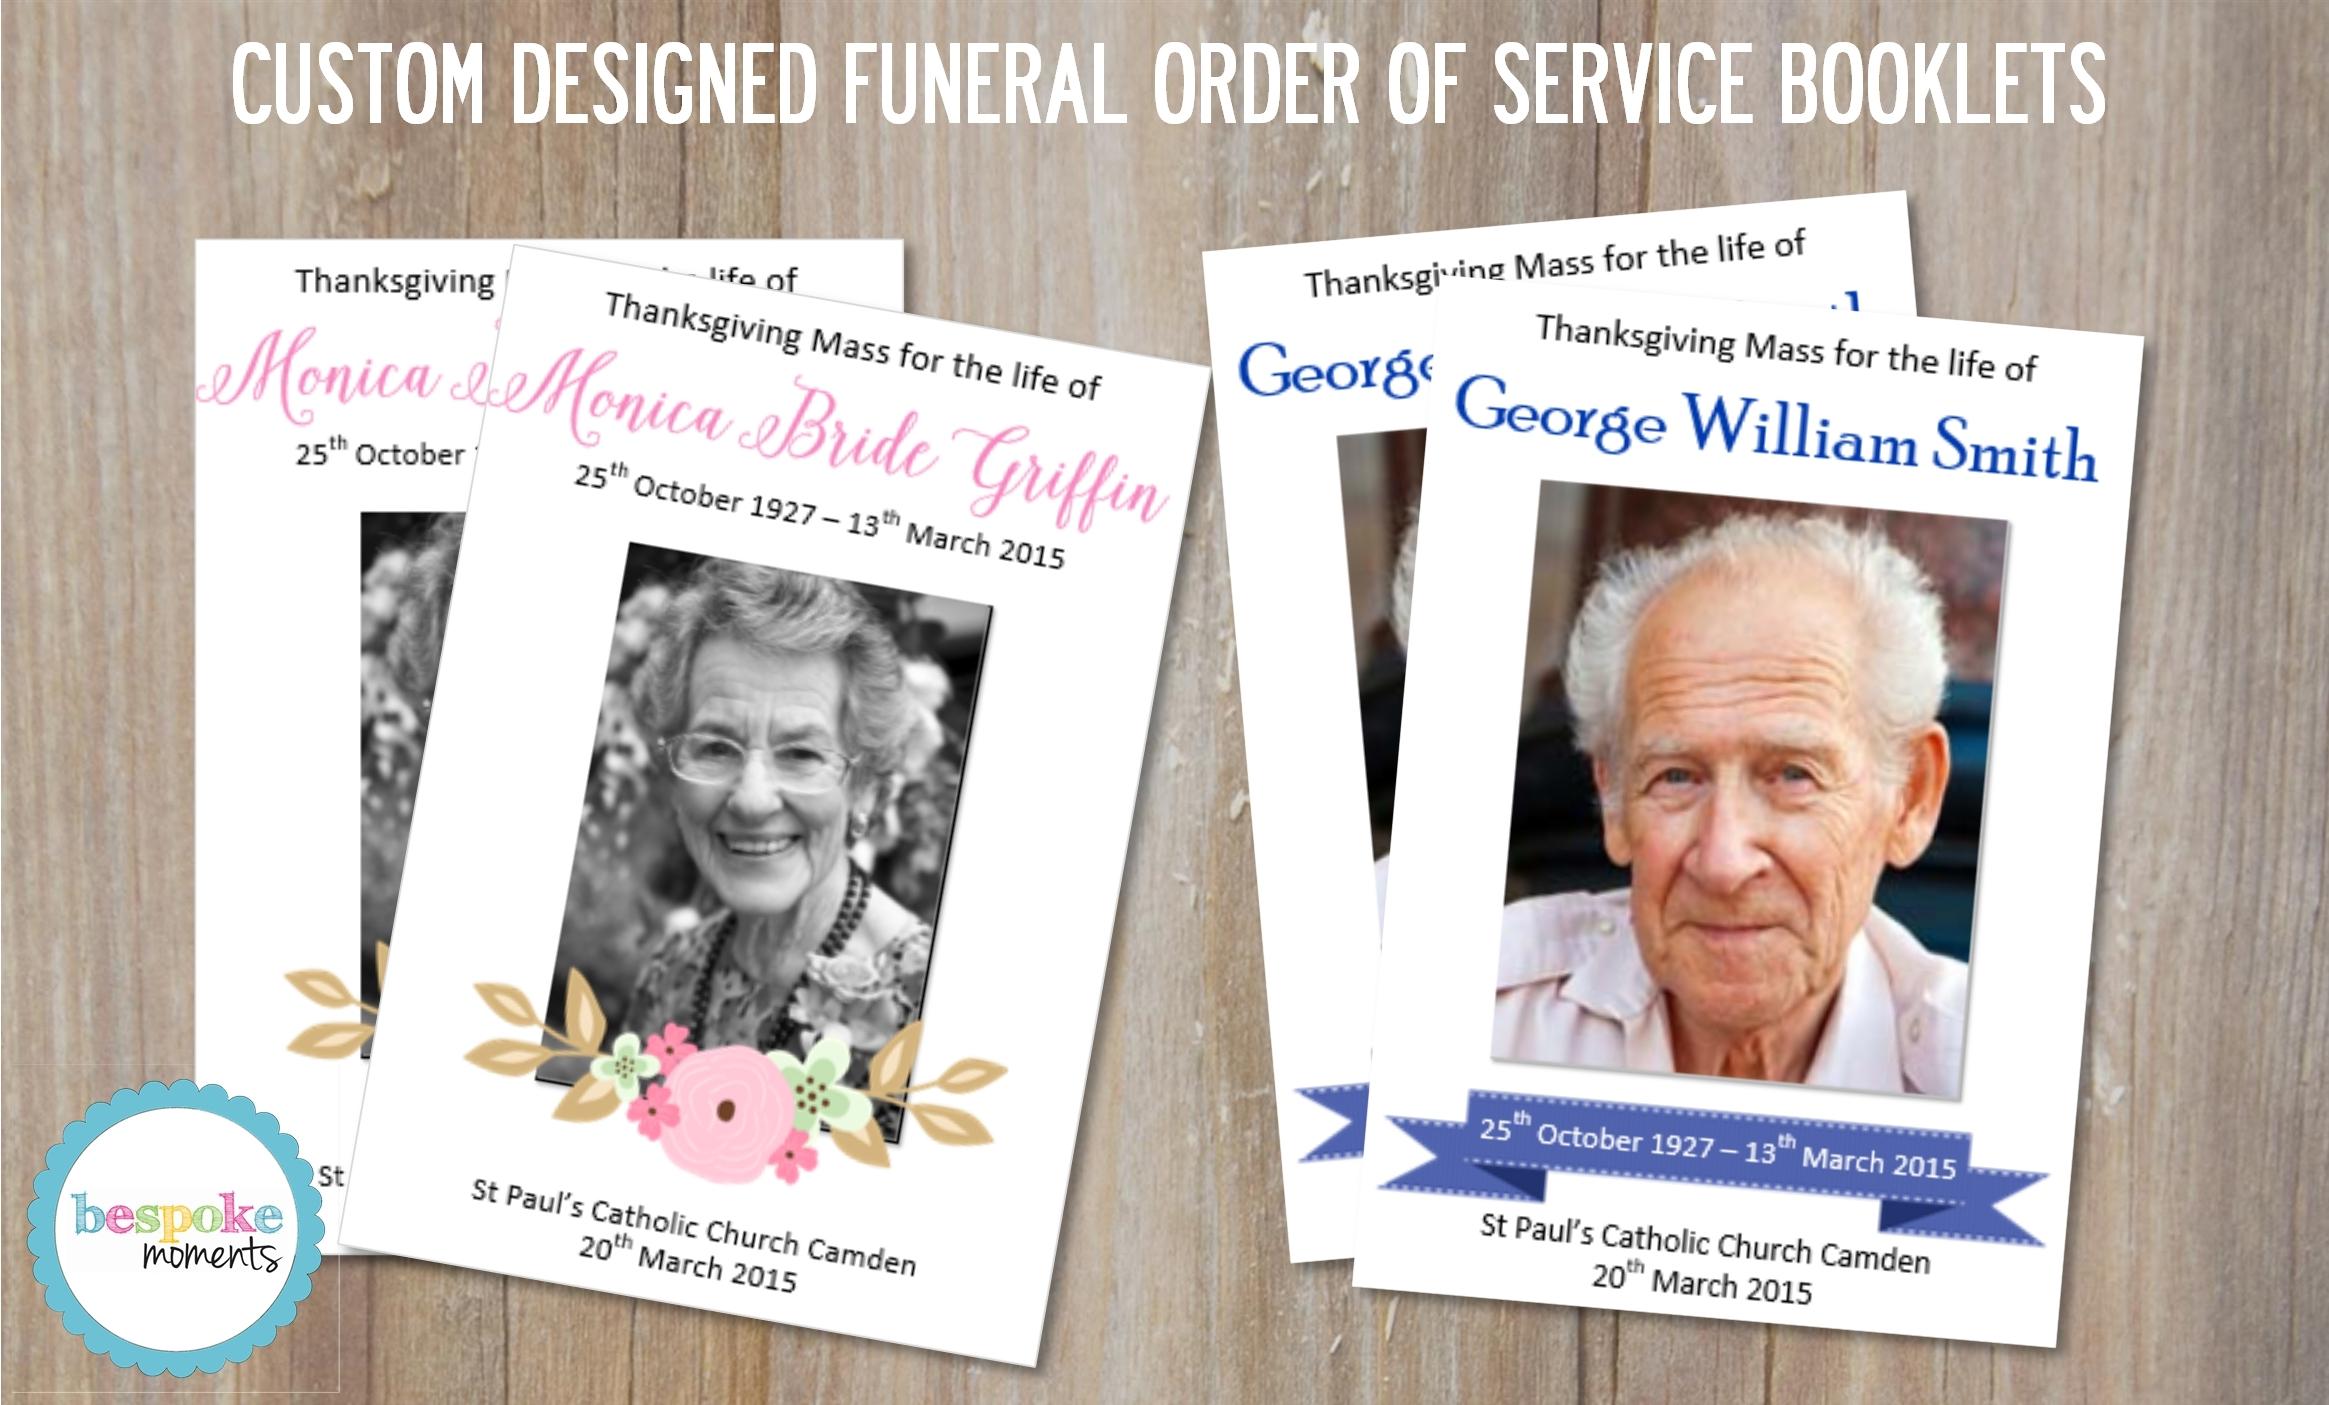 funeralbooklets.jpg